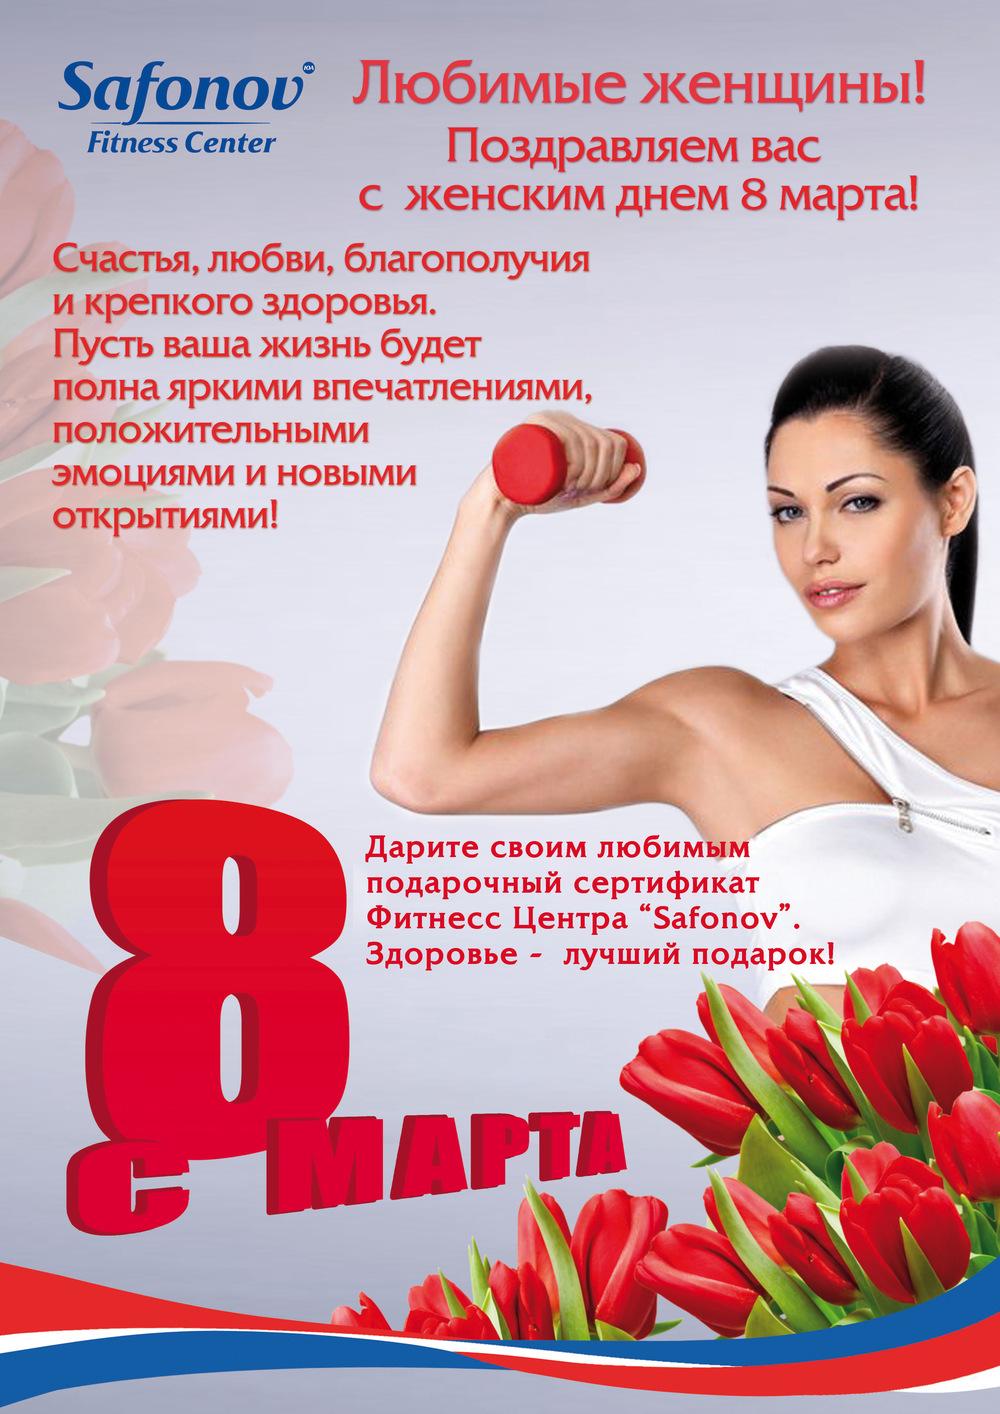 Поздравления для фитнес инструктора